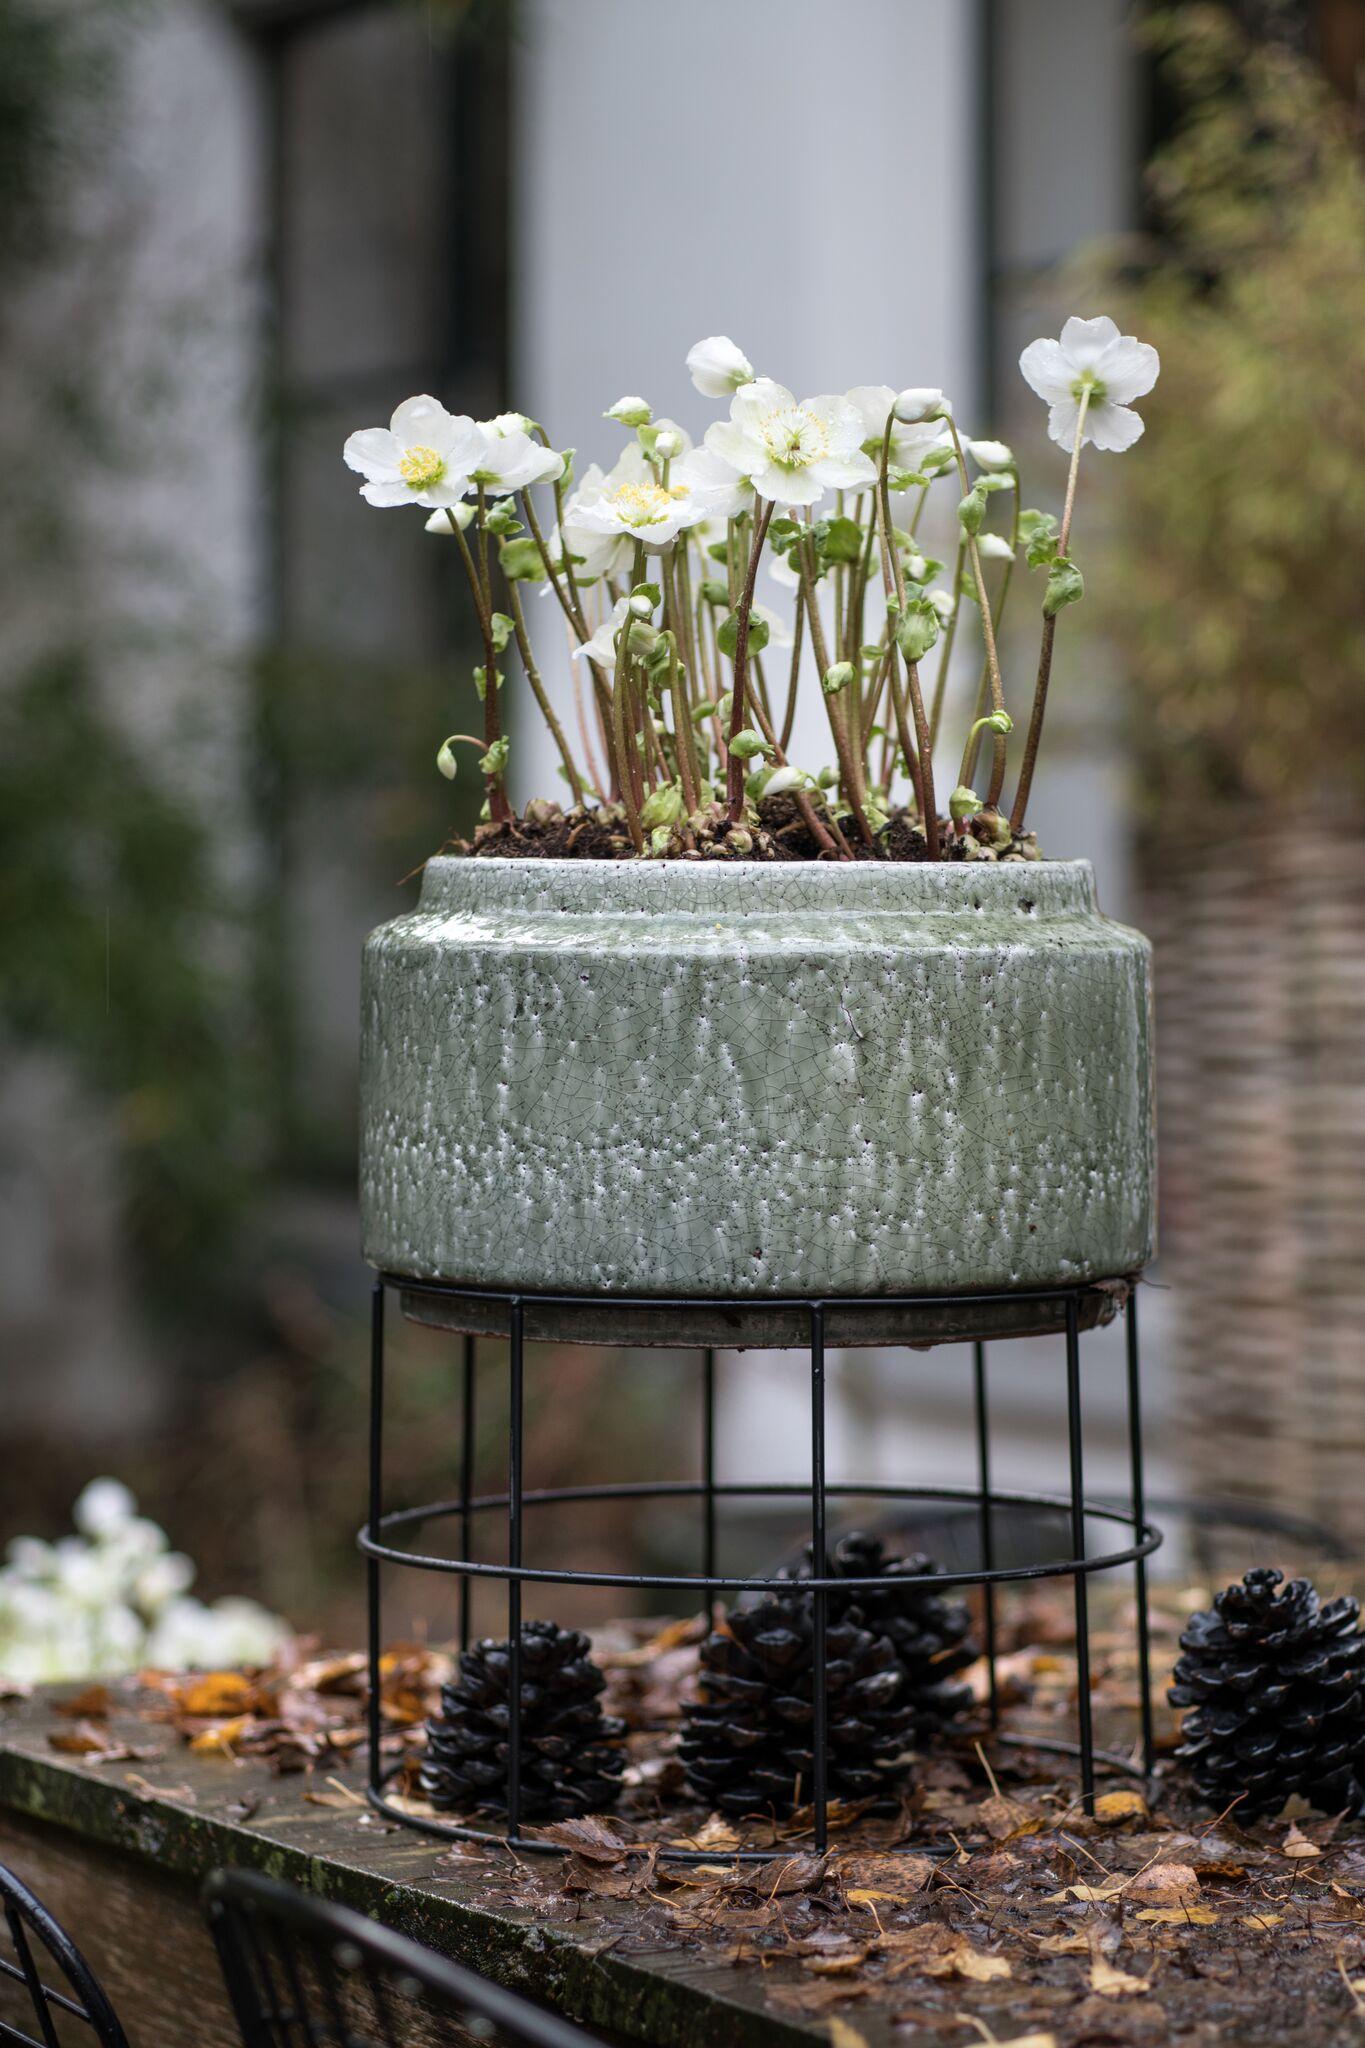 Tuinplant voor herfst en winter #winterwonderland #tuinplant #kerstroos #tuin #Tuininspiratie